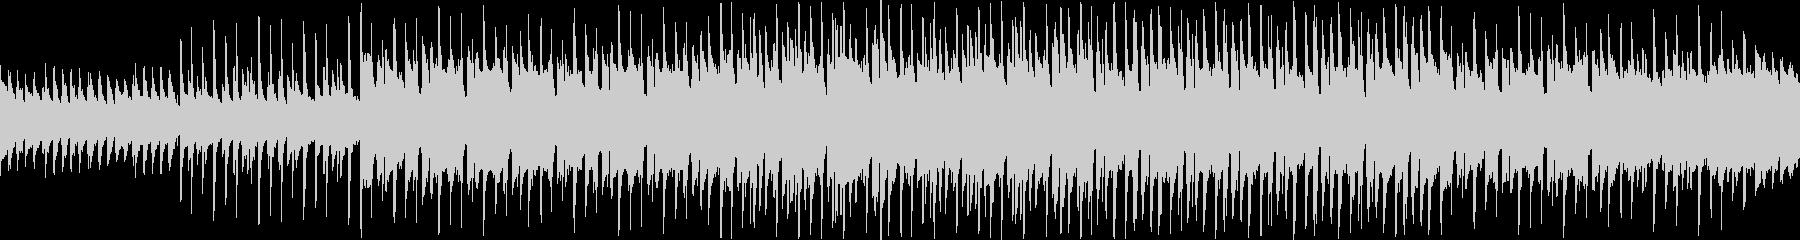 ピアノとマリンバのノリノリなループ曲の未再生の波形